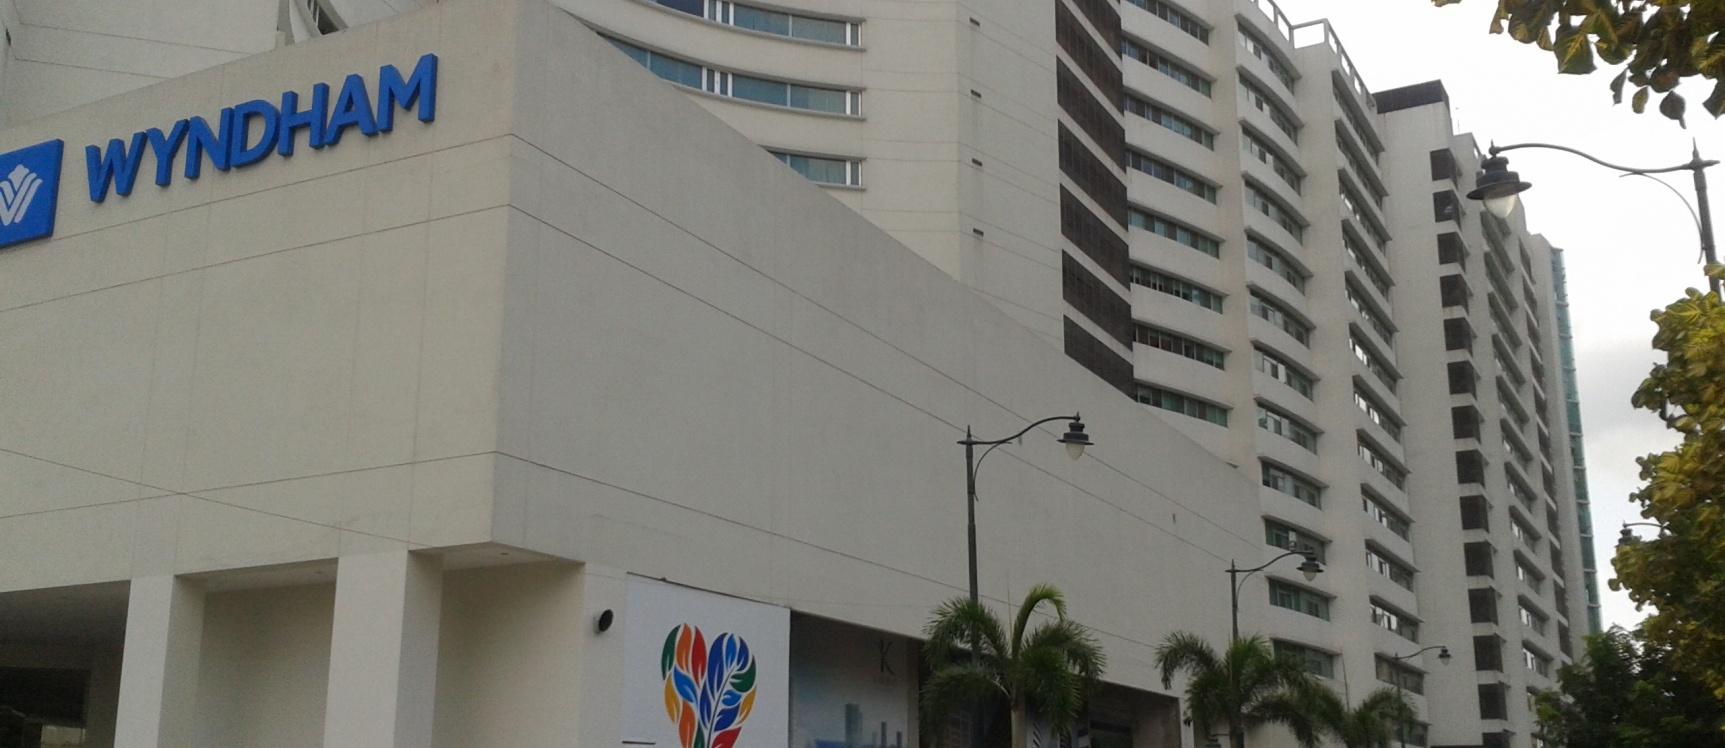 GeoBienes - Alquilo Suite River Front Guayaquil. Ciudad del Río, junto al hotel Wyndham - Plusvalia Guayaquil Casas de venta y alquiler Inmobiliaria Ecuador